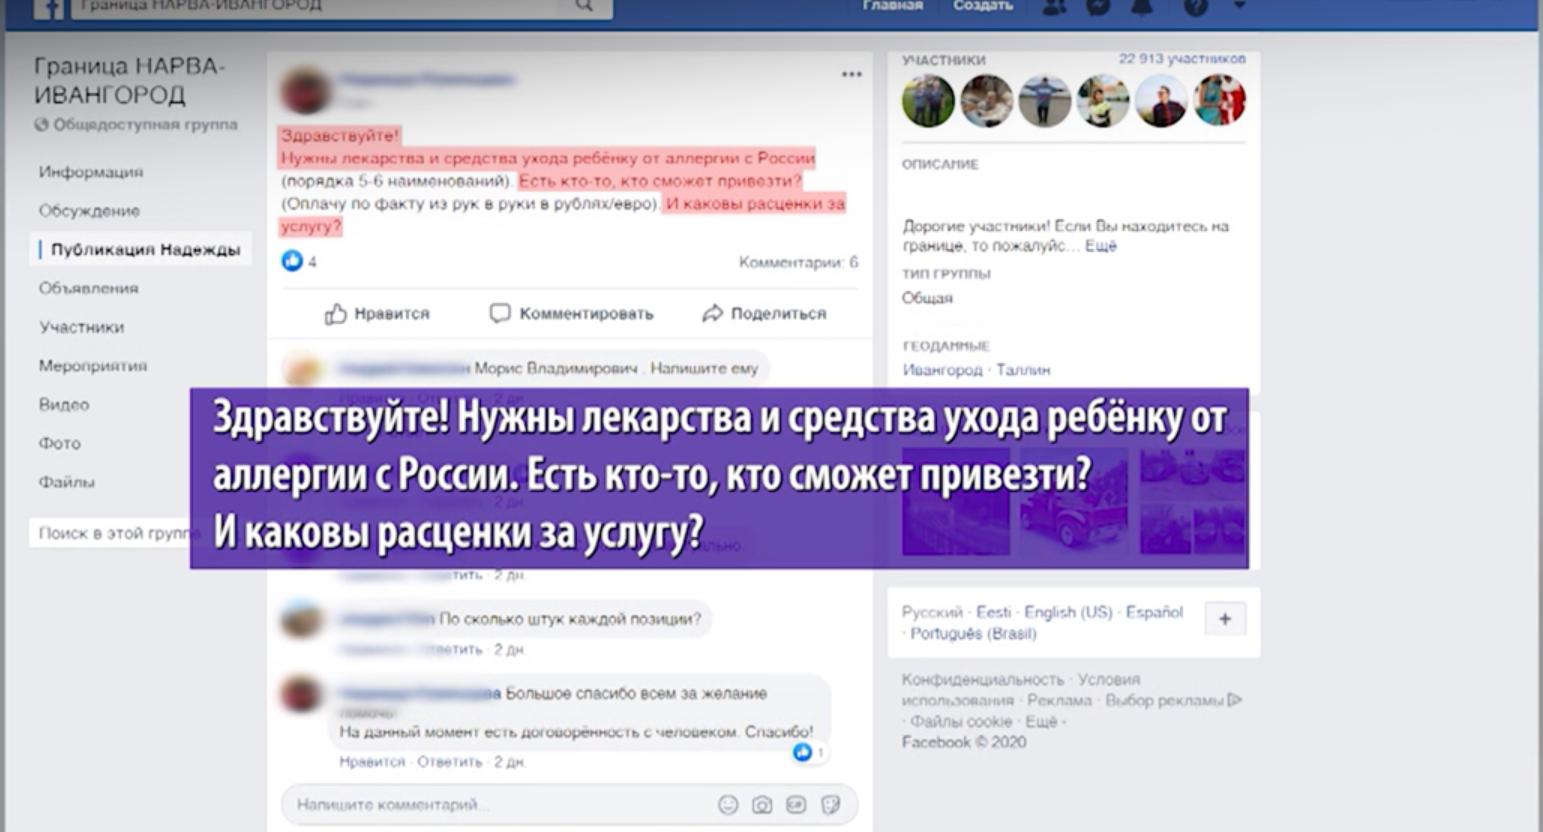 Заказанные через Facebook лекарства из России репортер ERR так и не получила